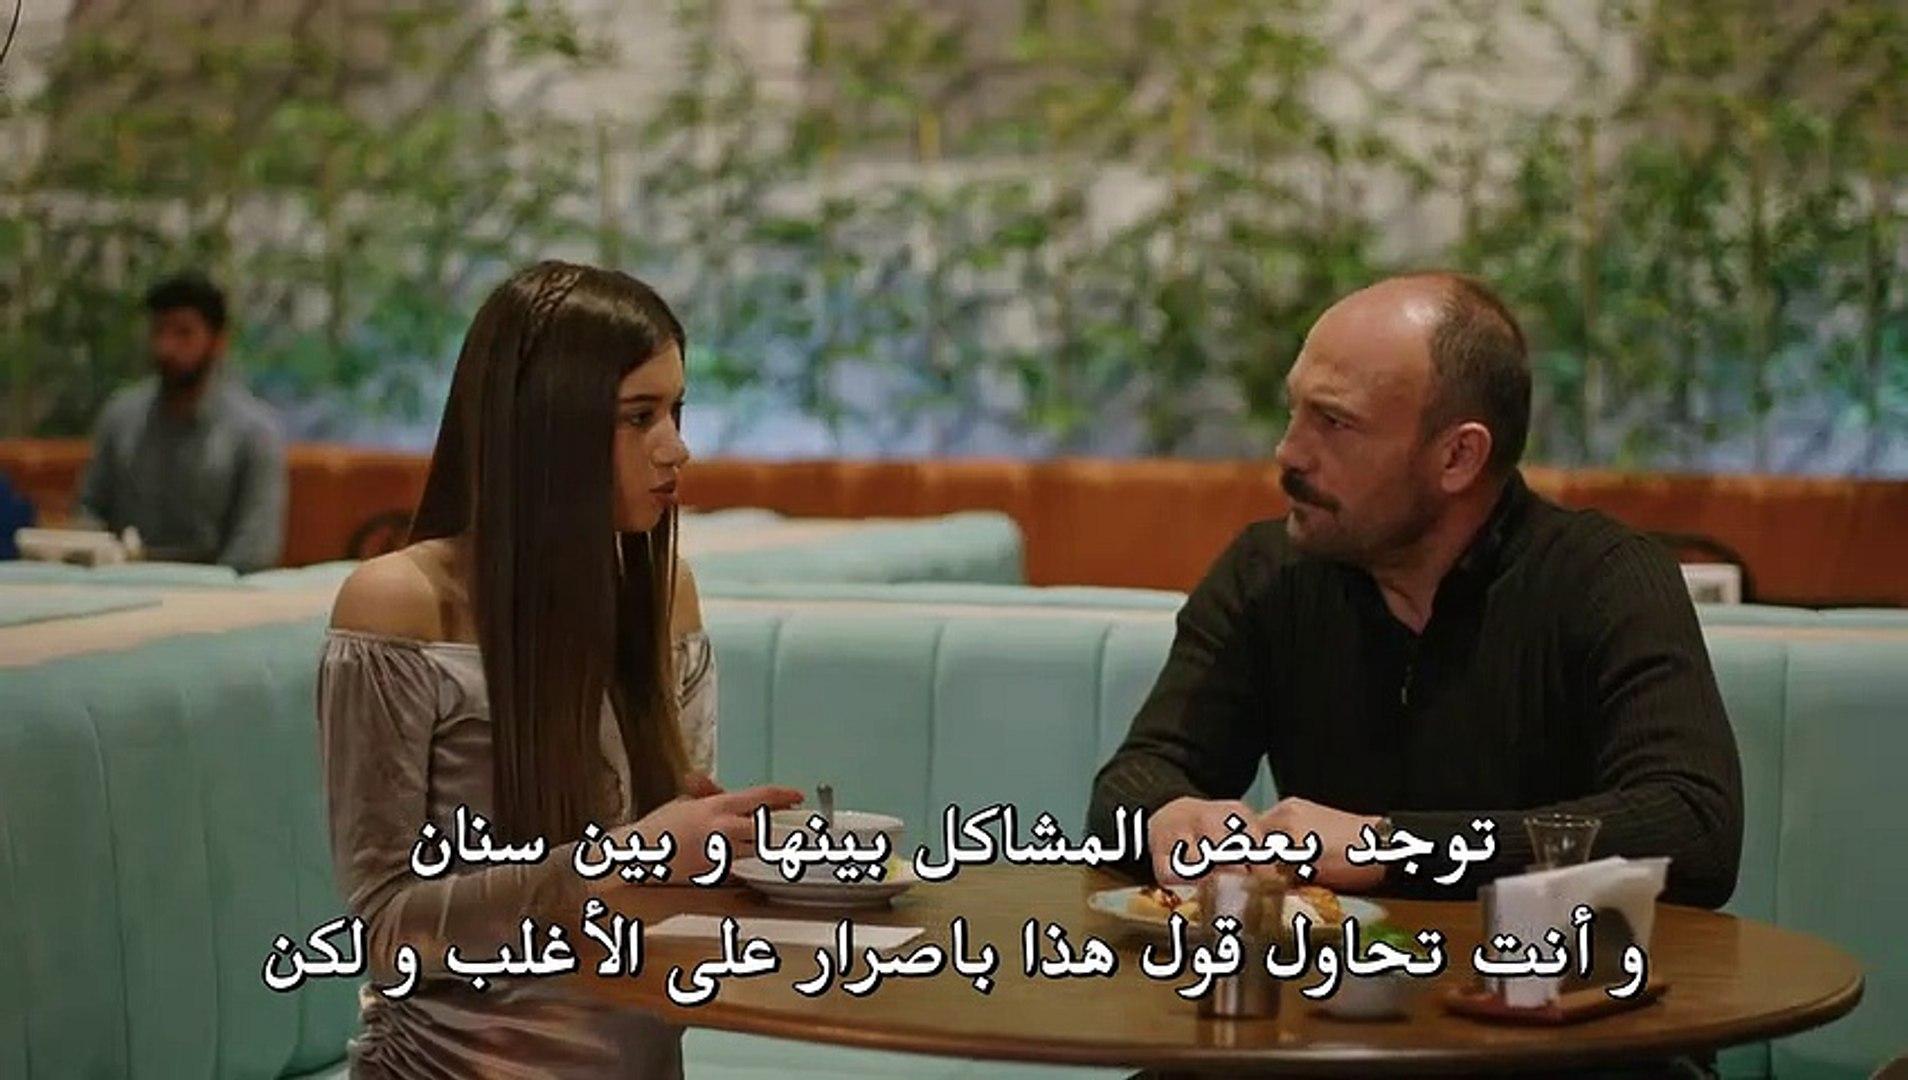 مسلسل فضيلة وبناتها الموسم الثاني الحلقة 39 كاملة القسم 3 مترجمة للعربية